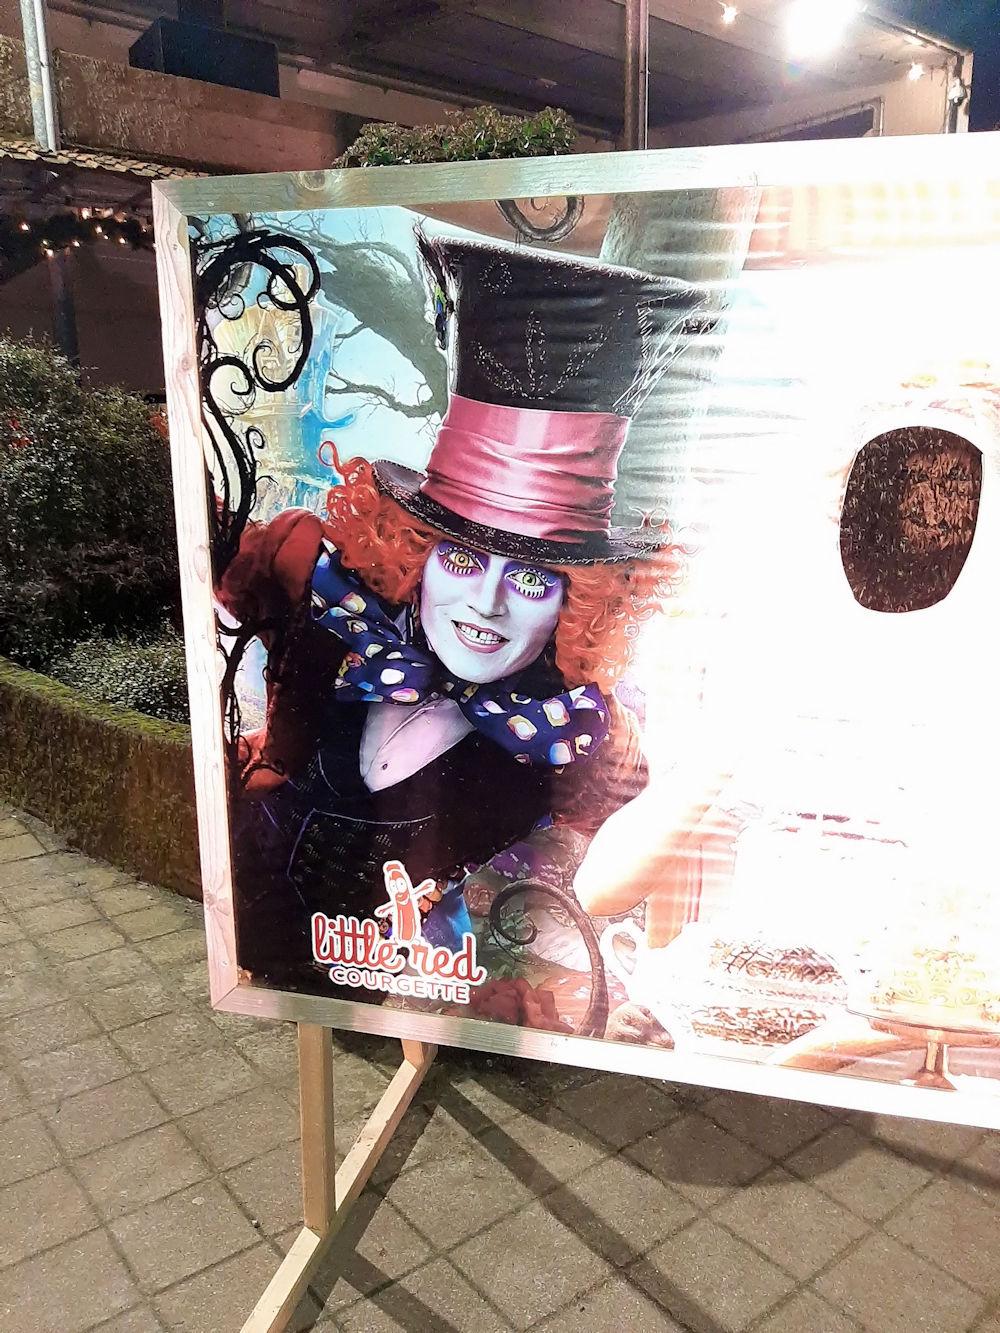 Midwinter nacht Alice in Wonderland